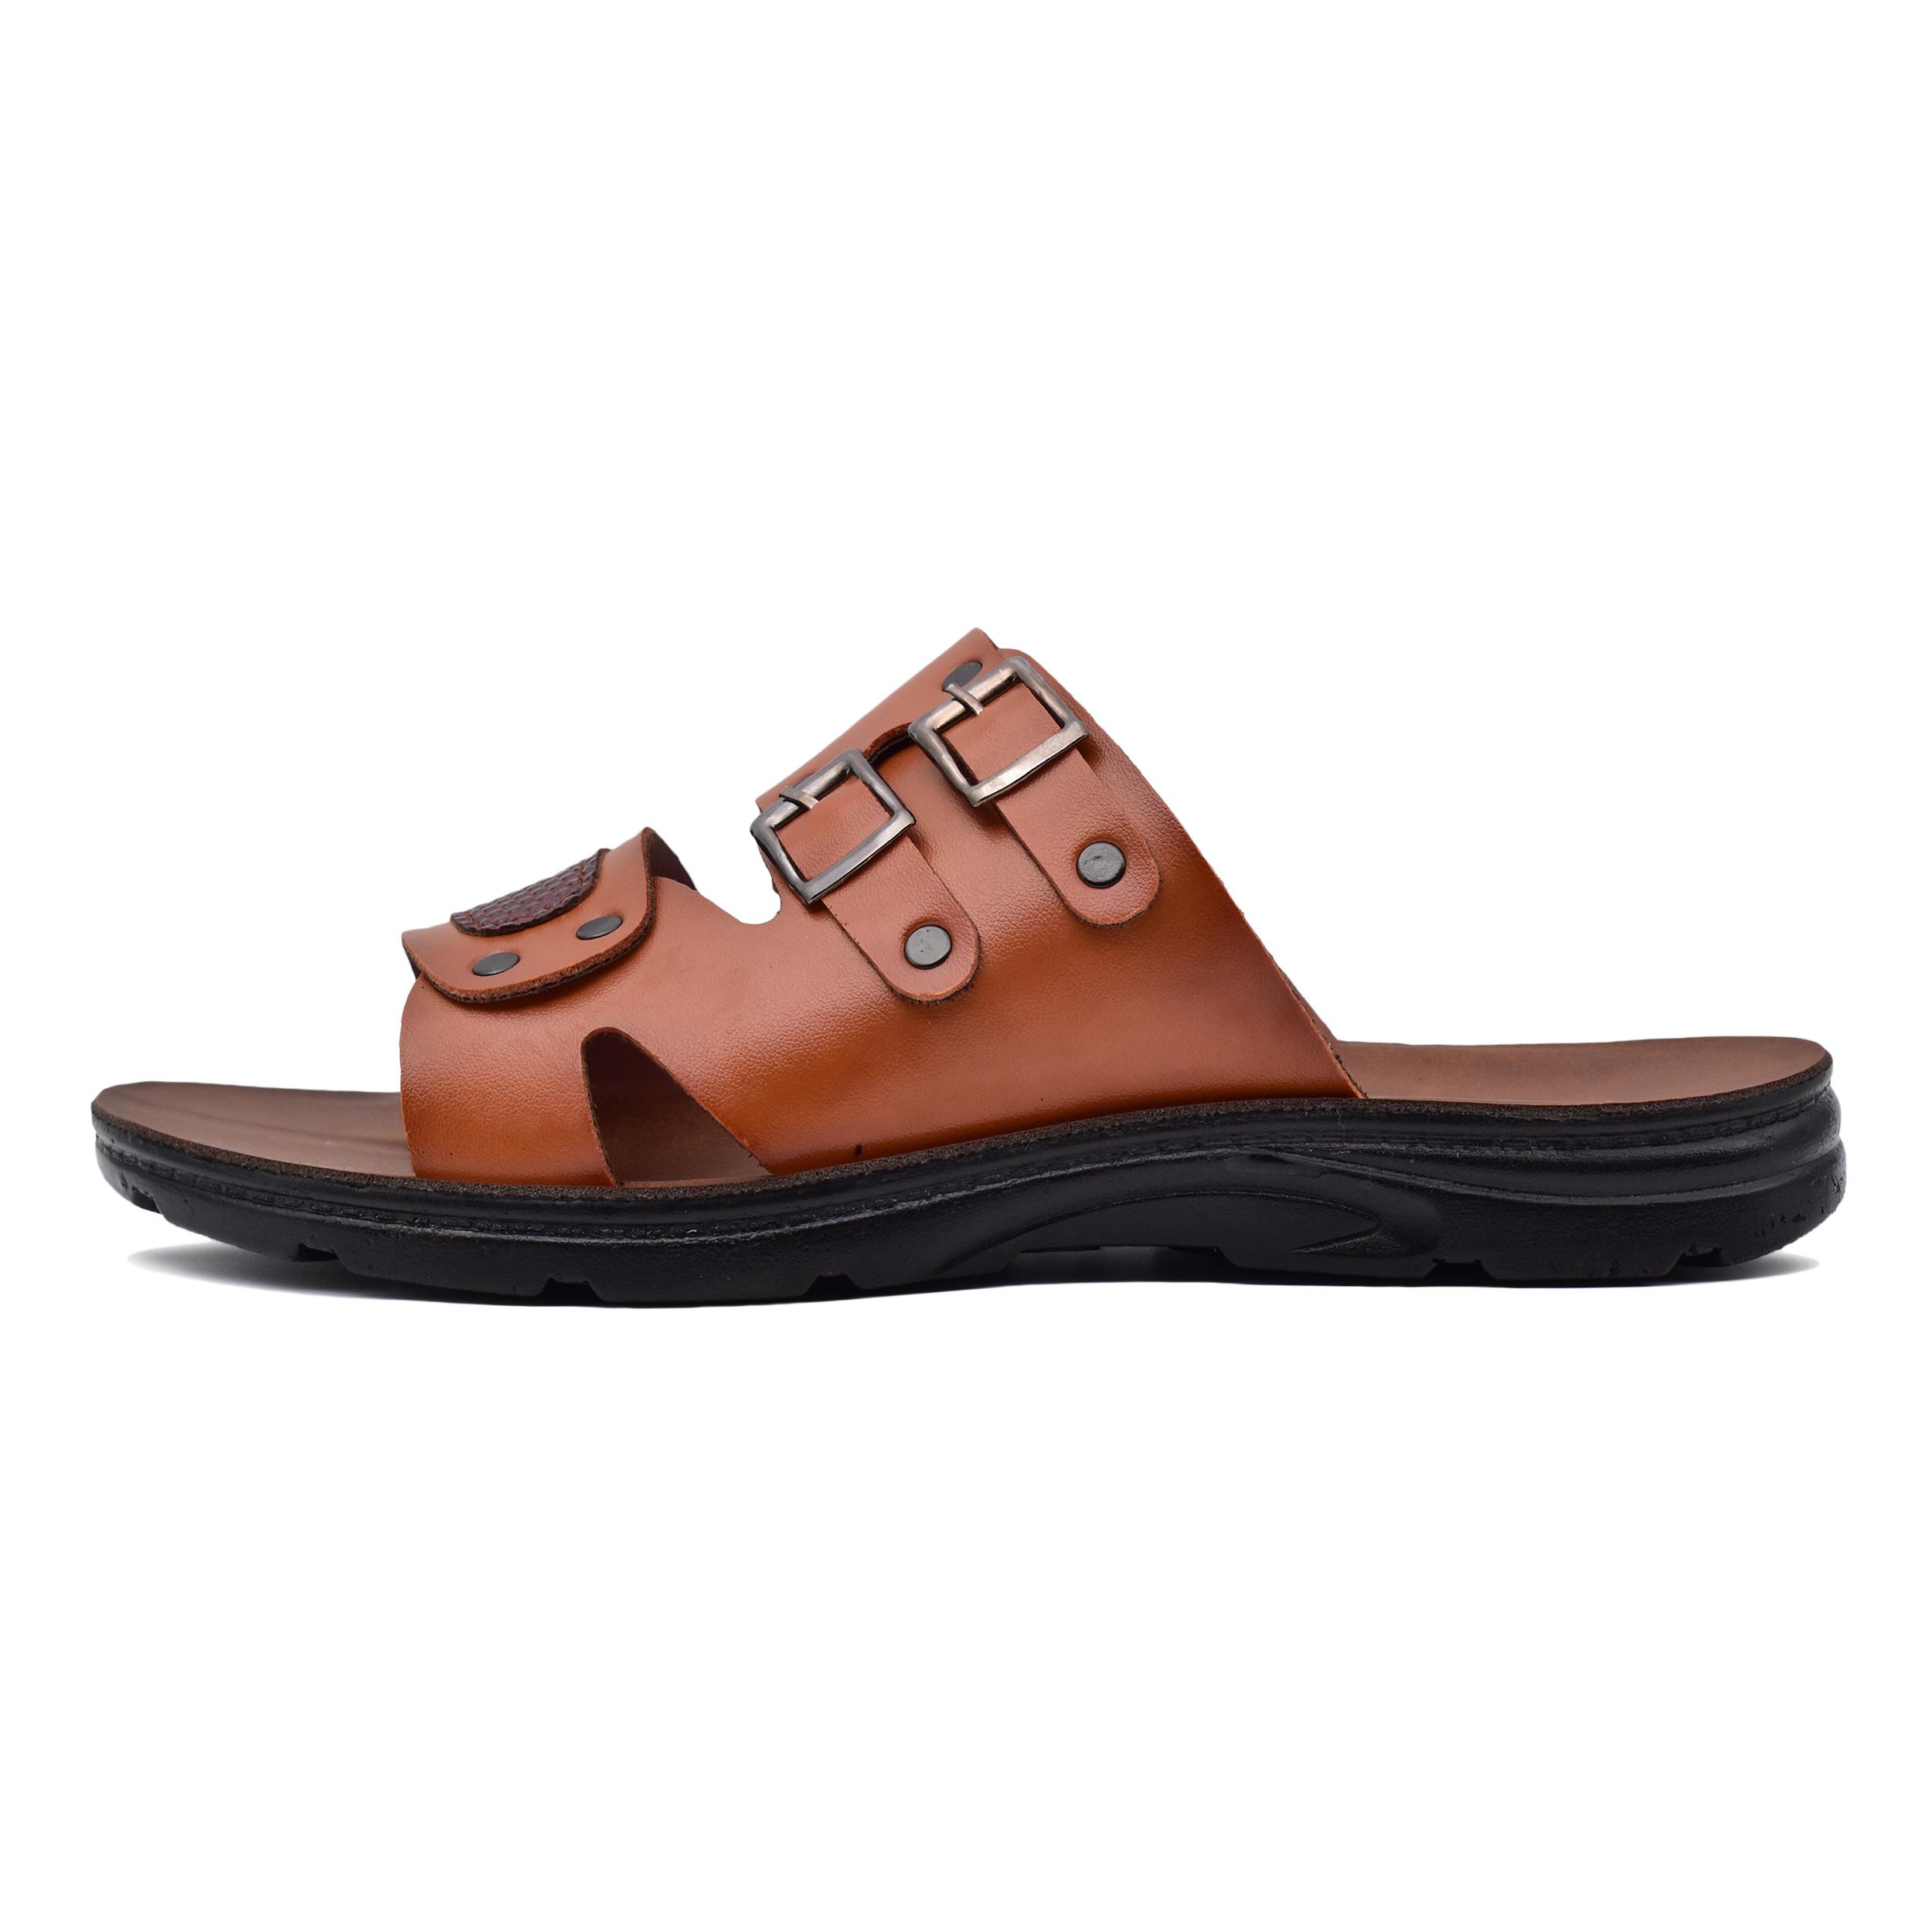 صندل مردانه کفش شیما مدل الیور کد 7258